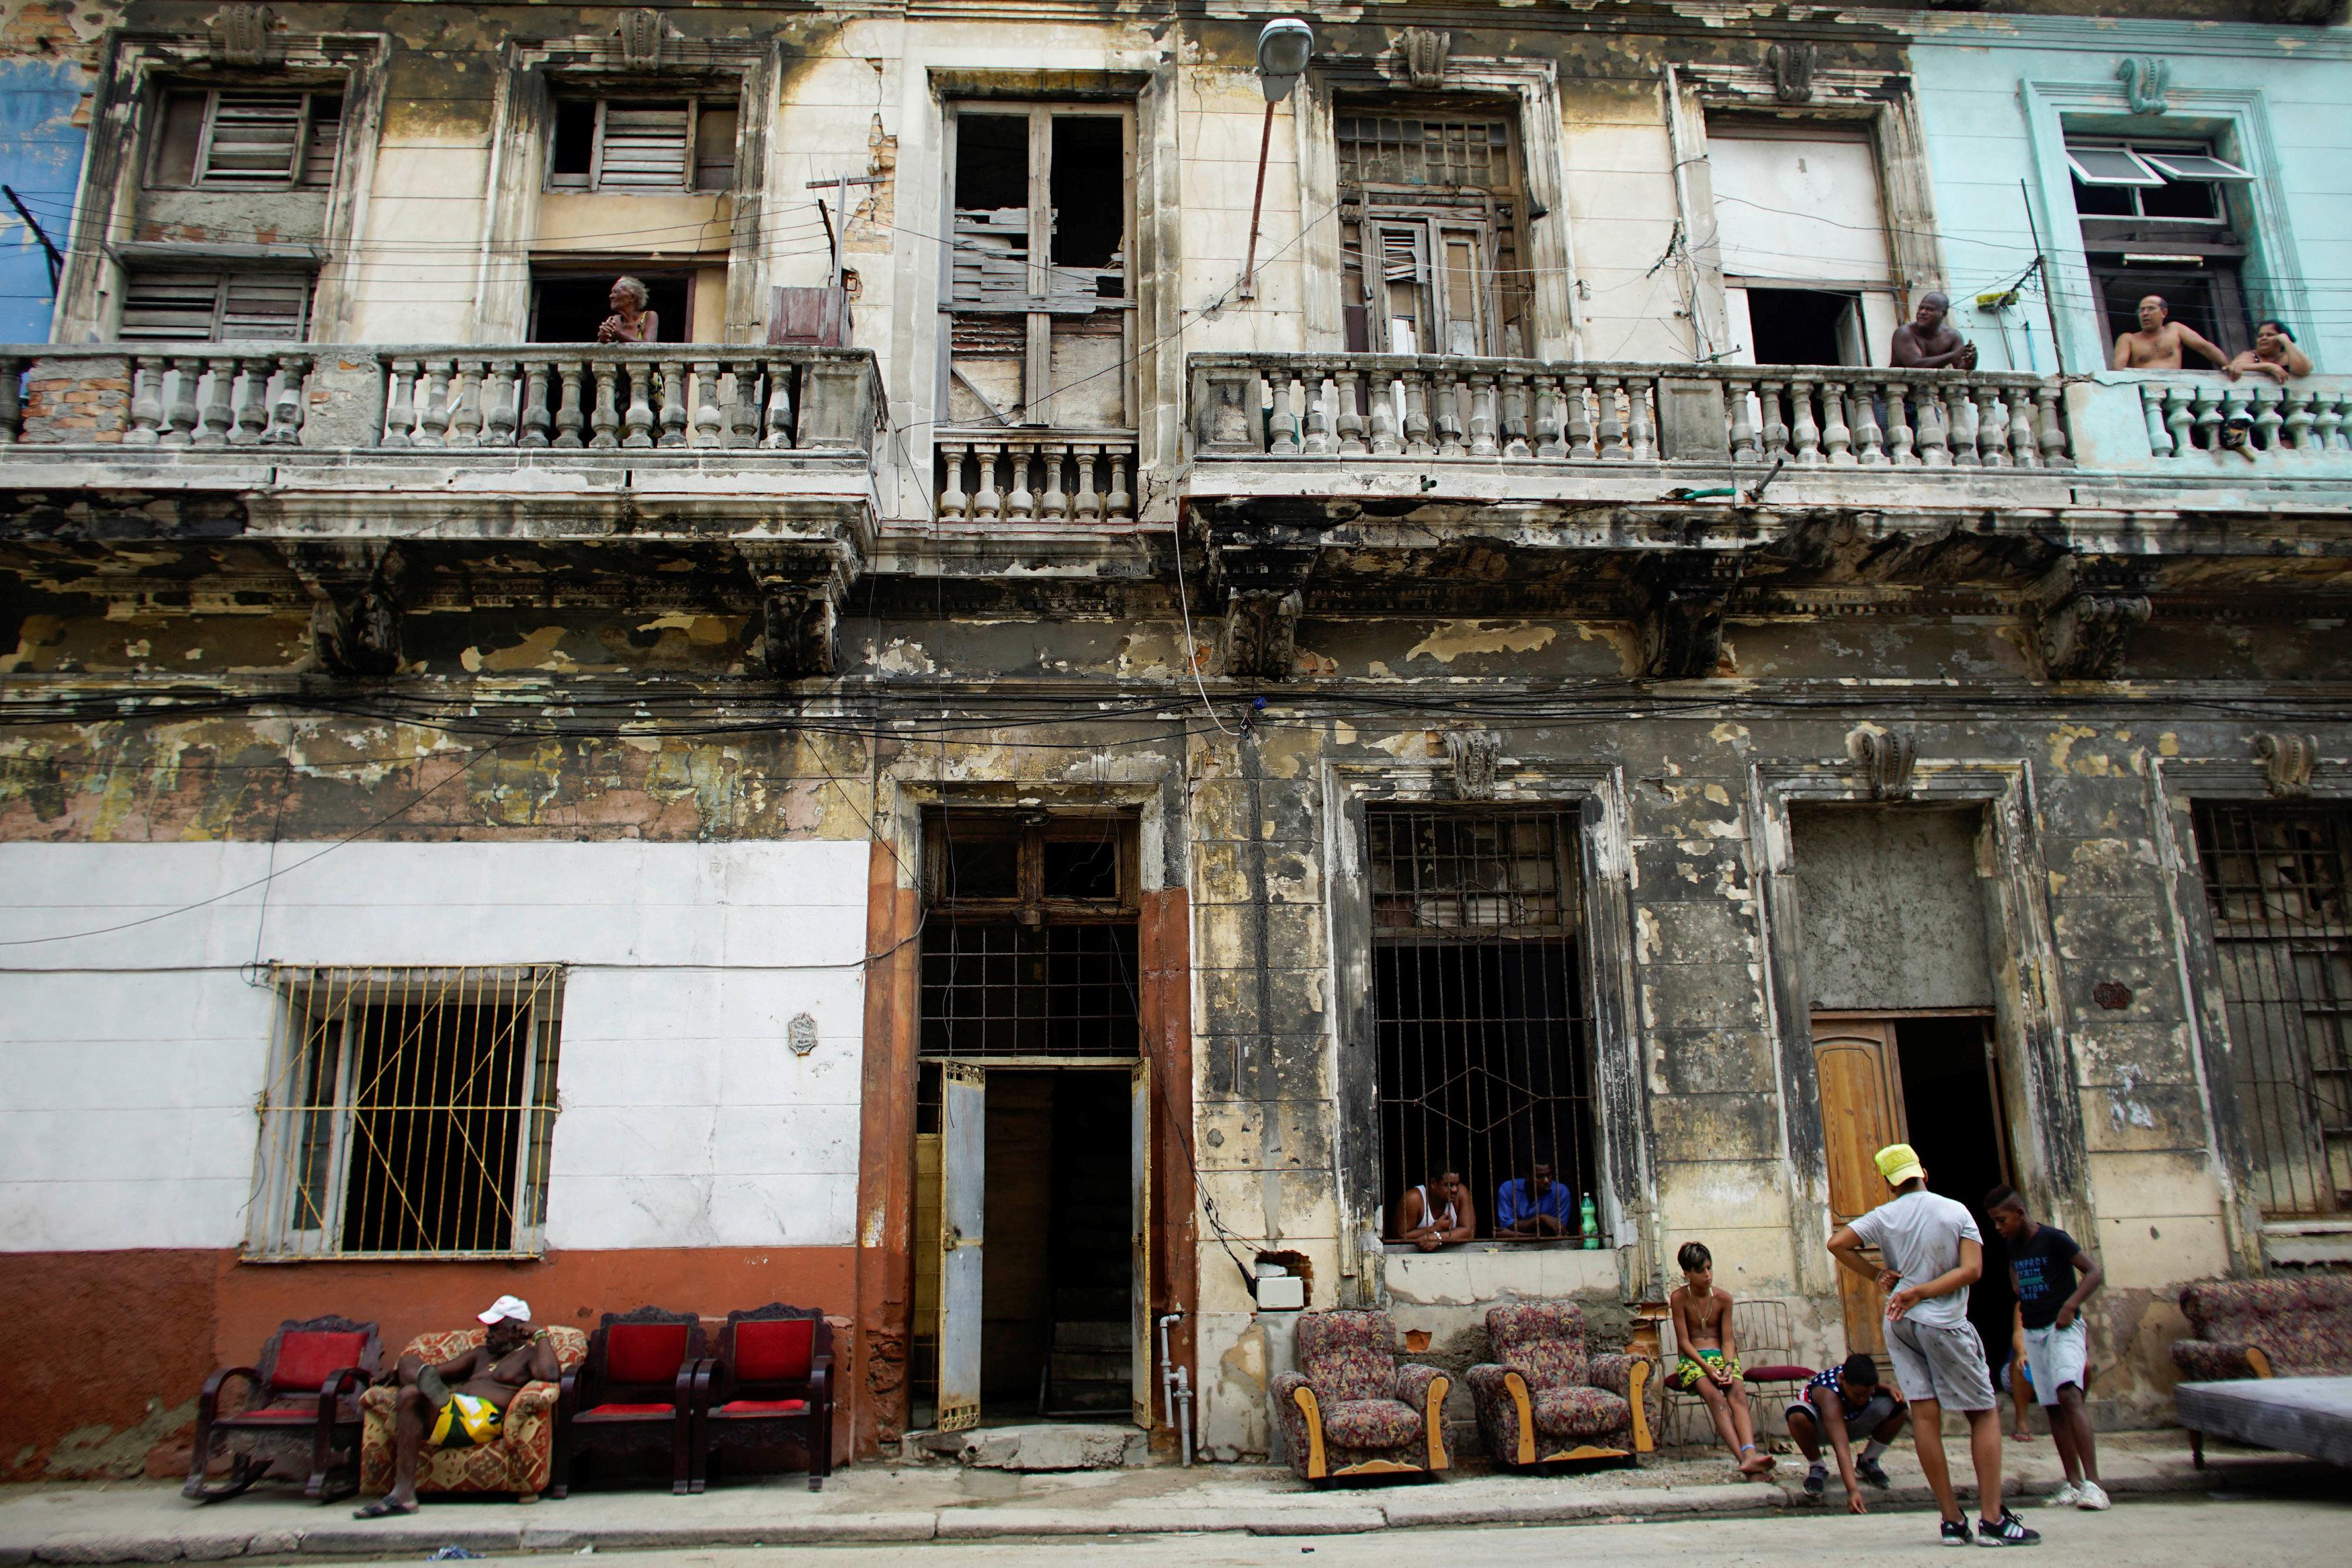 Habitantes de La Habana secan sus muebles en la calle. (REUTERS